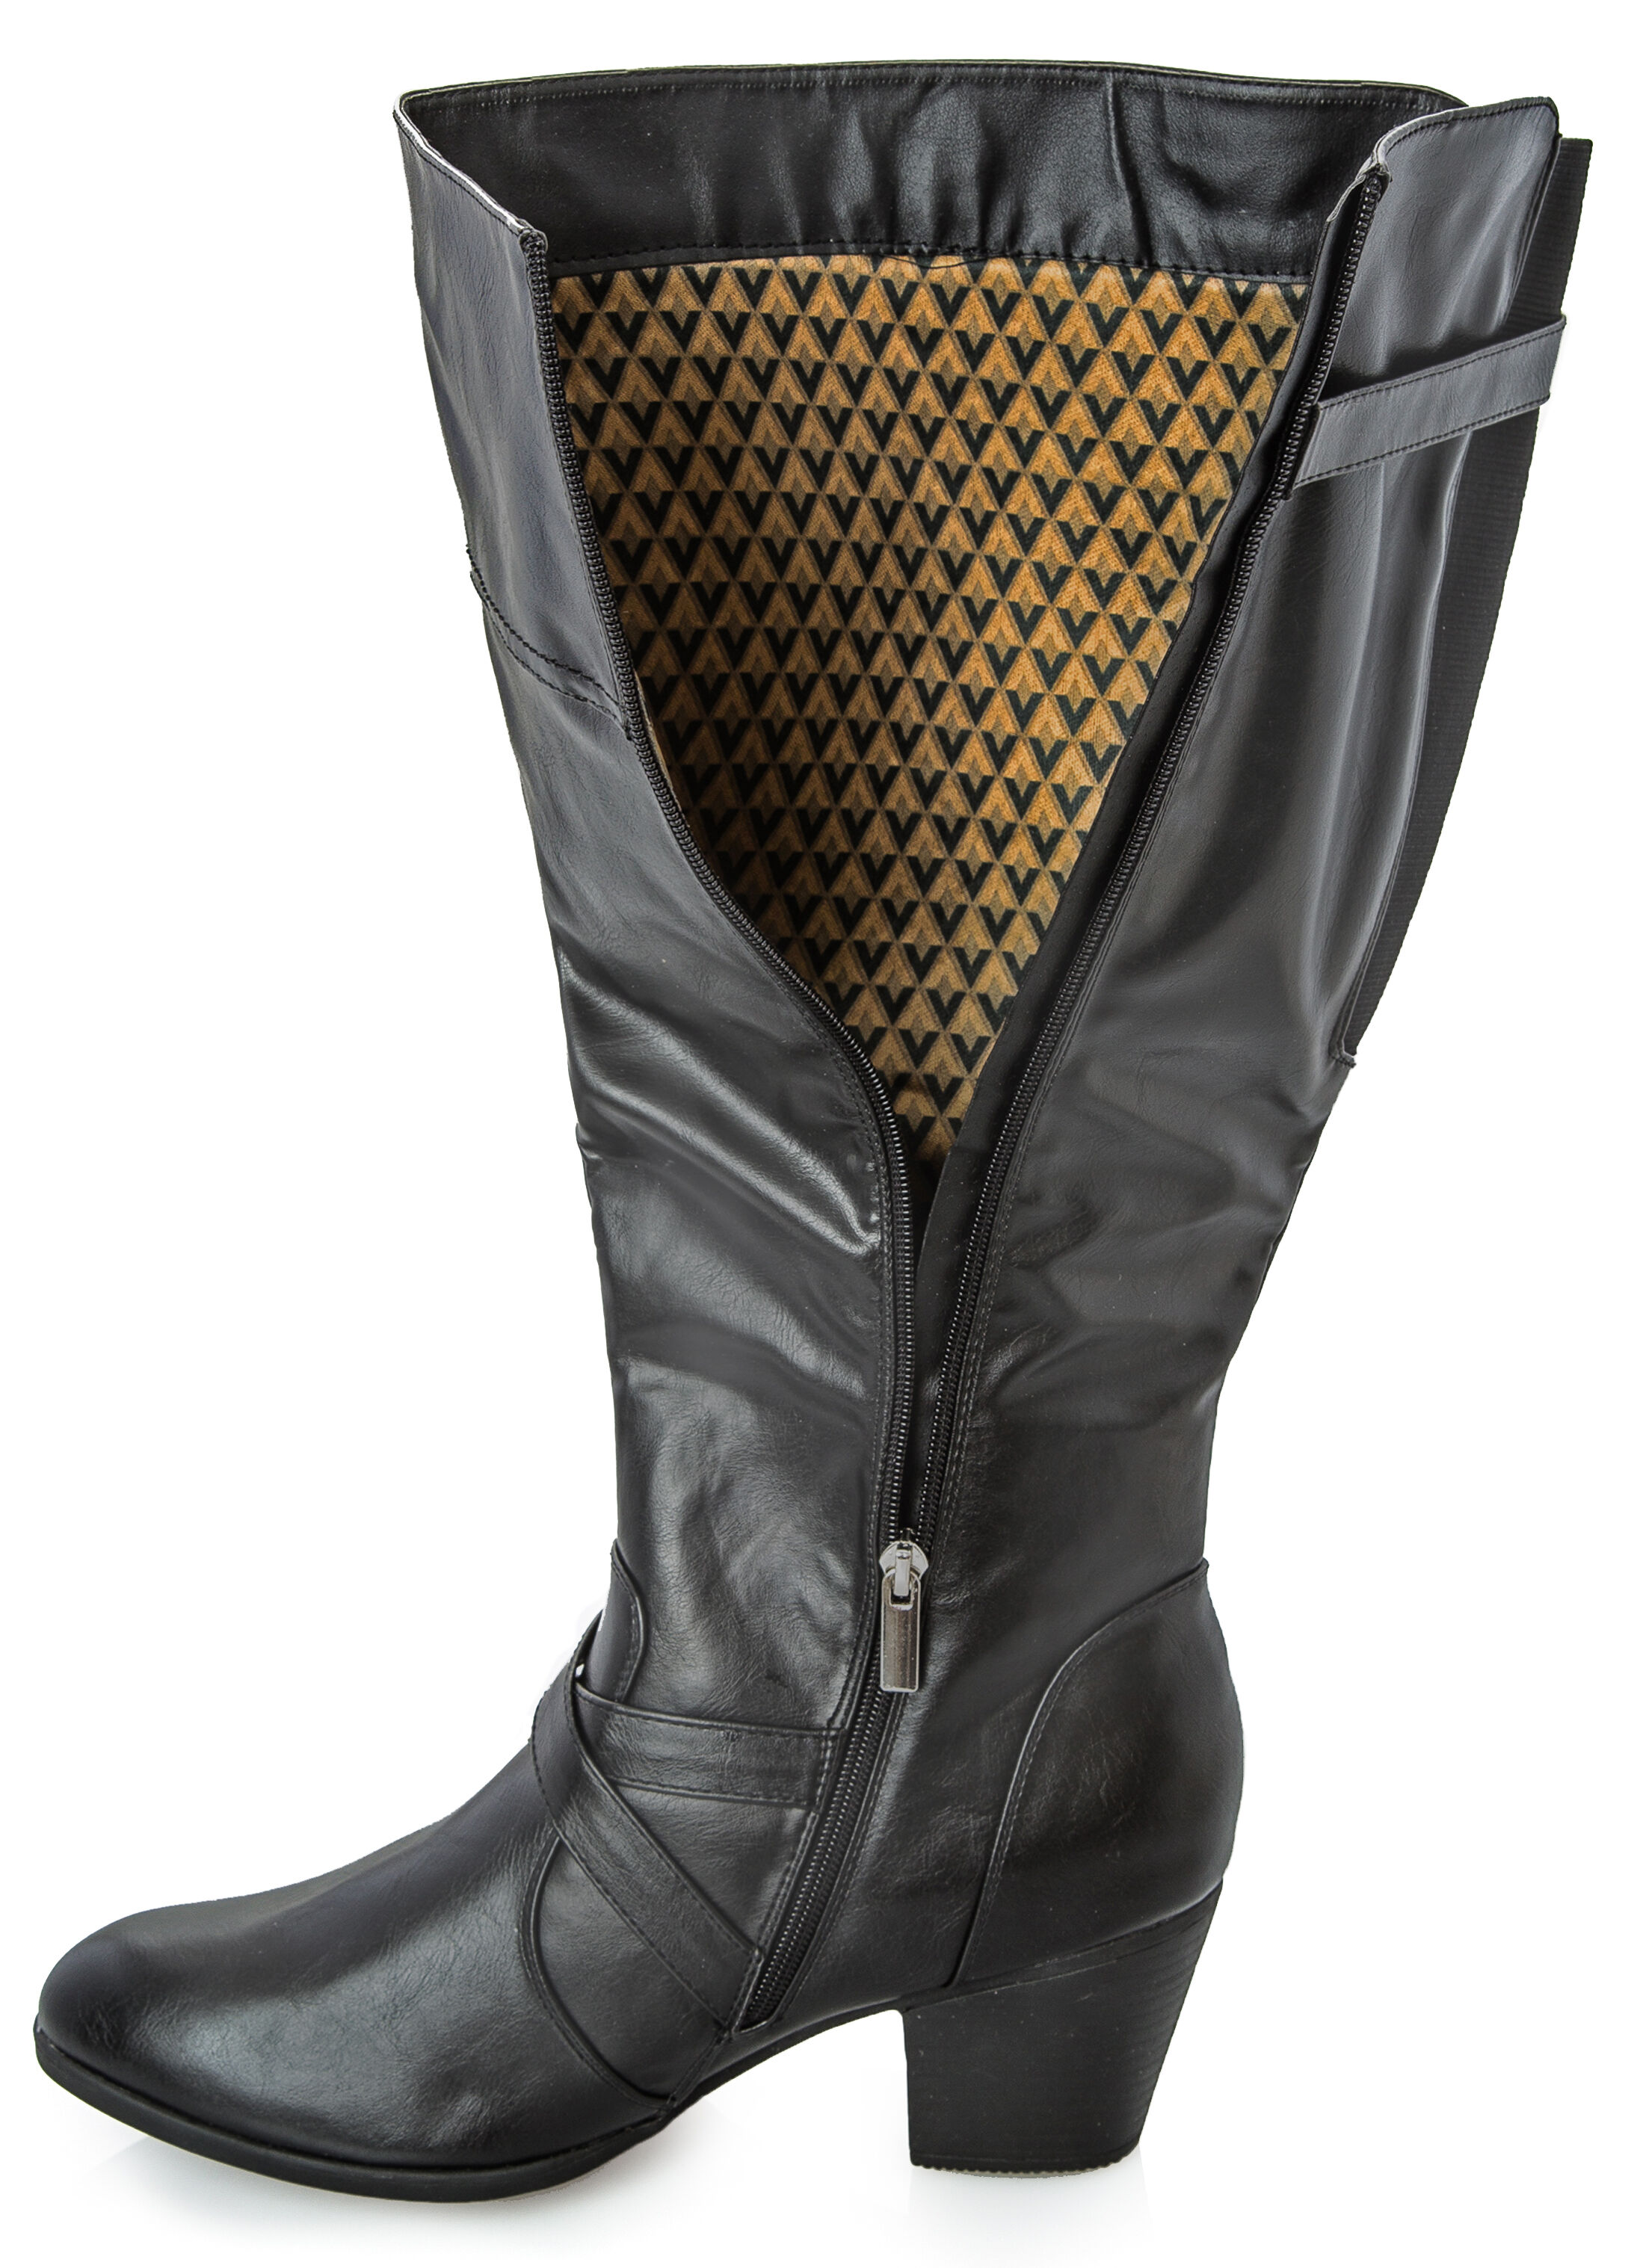 Short Chunky Heel Tall Boot - Wide Width Wide Calf